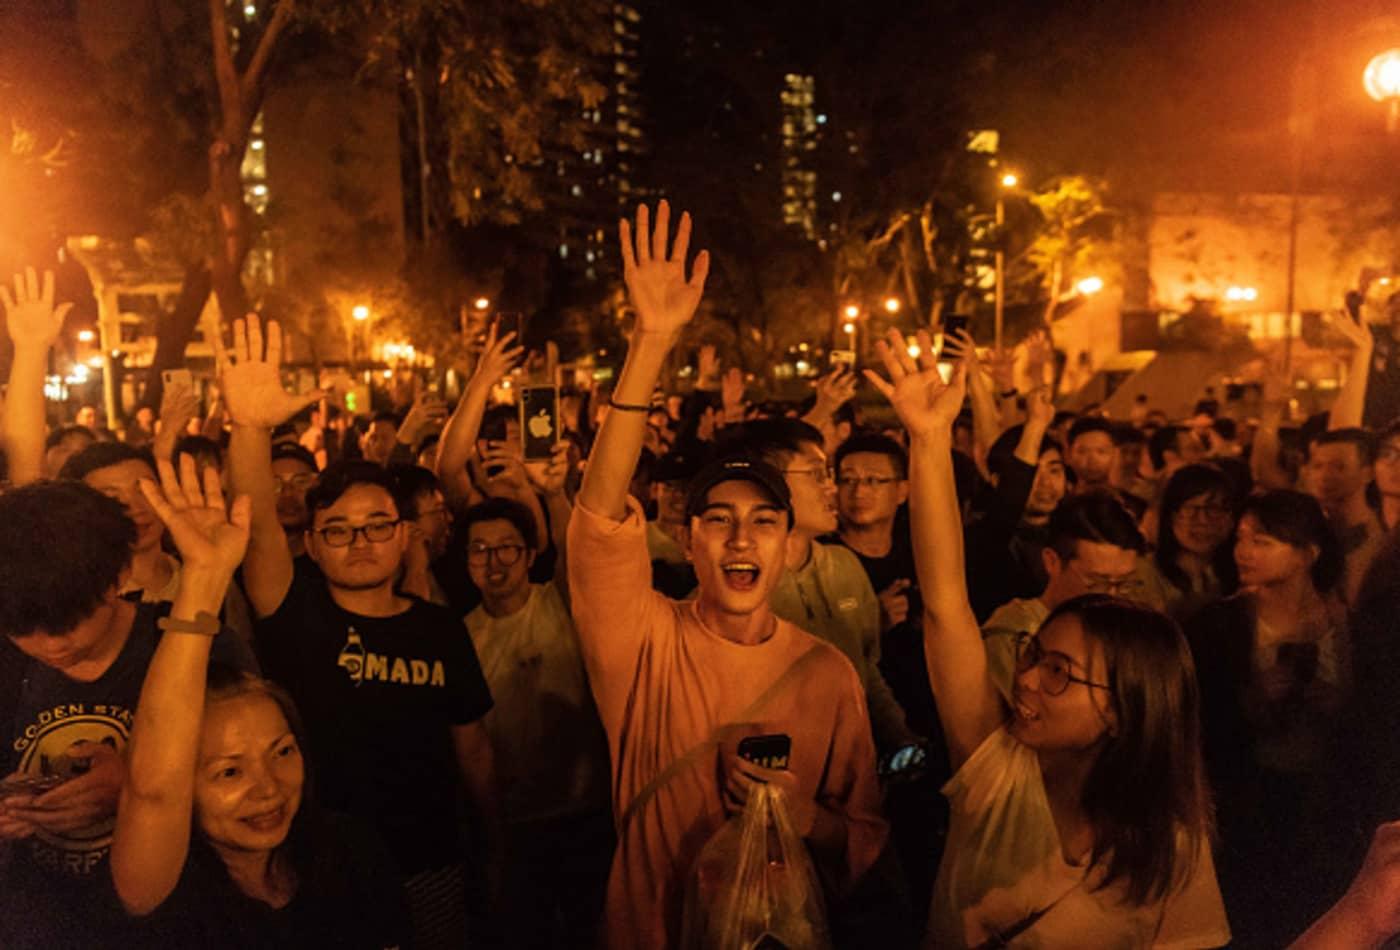 Hong Kong democrats score a landslide local election landslide victory after months of protests